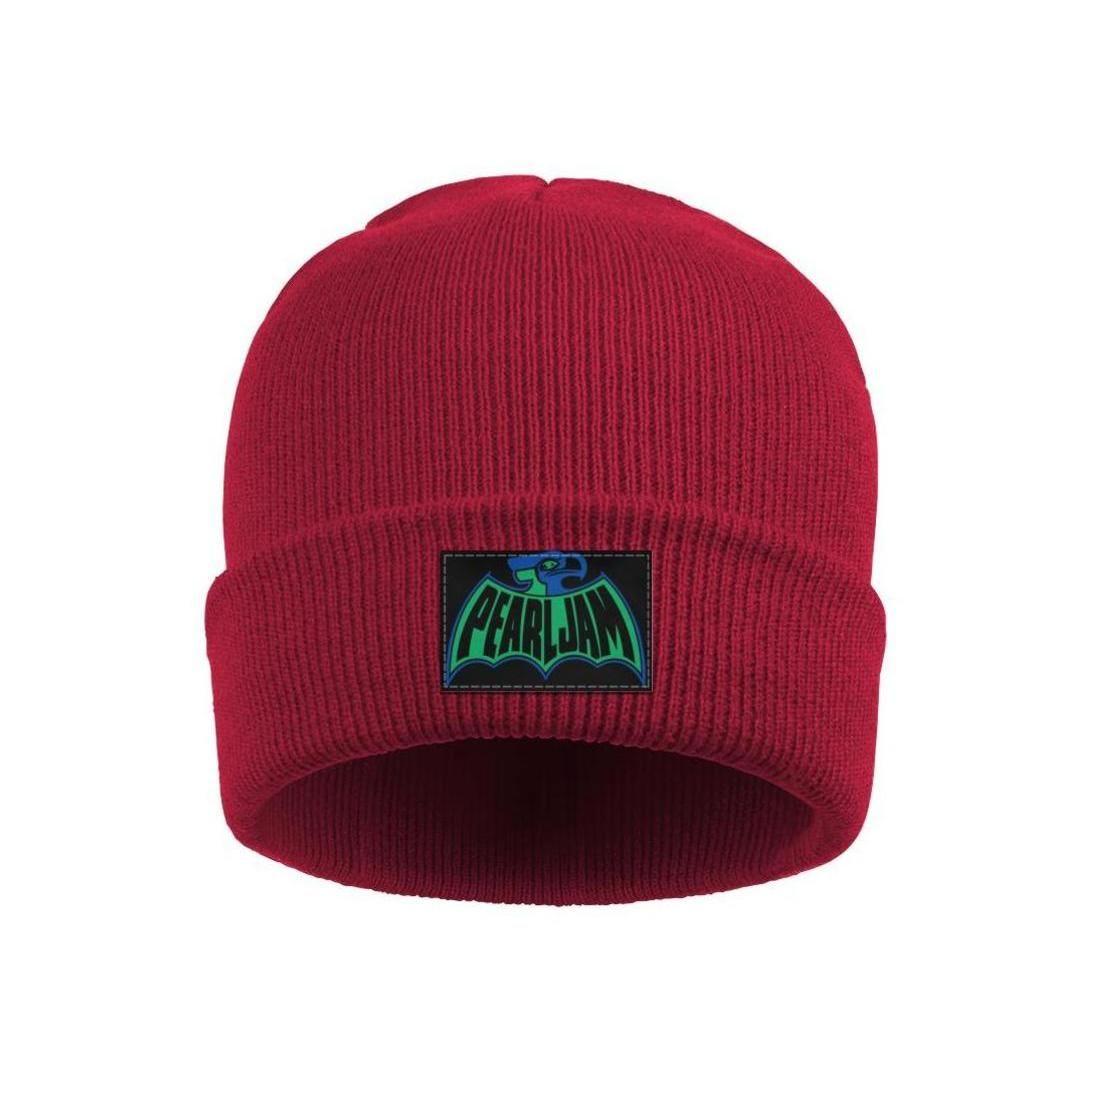 Moda Pearl Jam aquila logo Inverno Comprensori Guarda Beanie tesa del cappello Cappelli Volantini arte Red PEARL JAM Rivoluzione americana Musica Skull Logo Stella